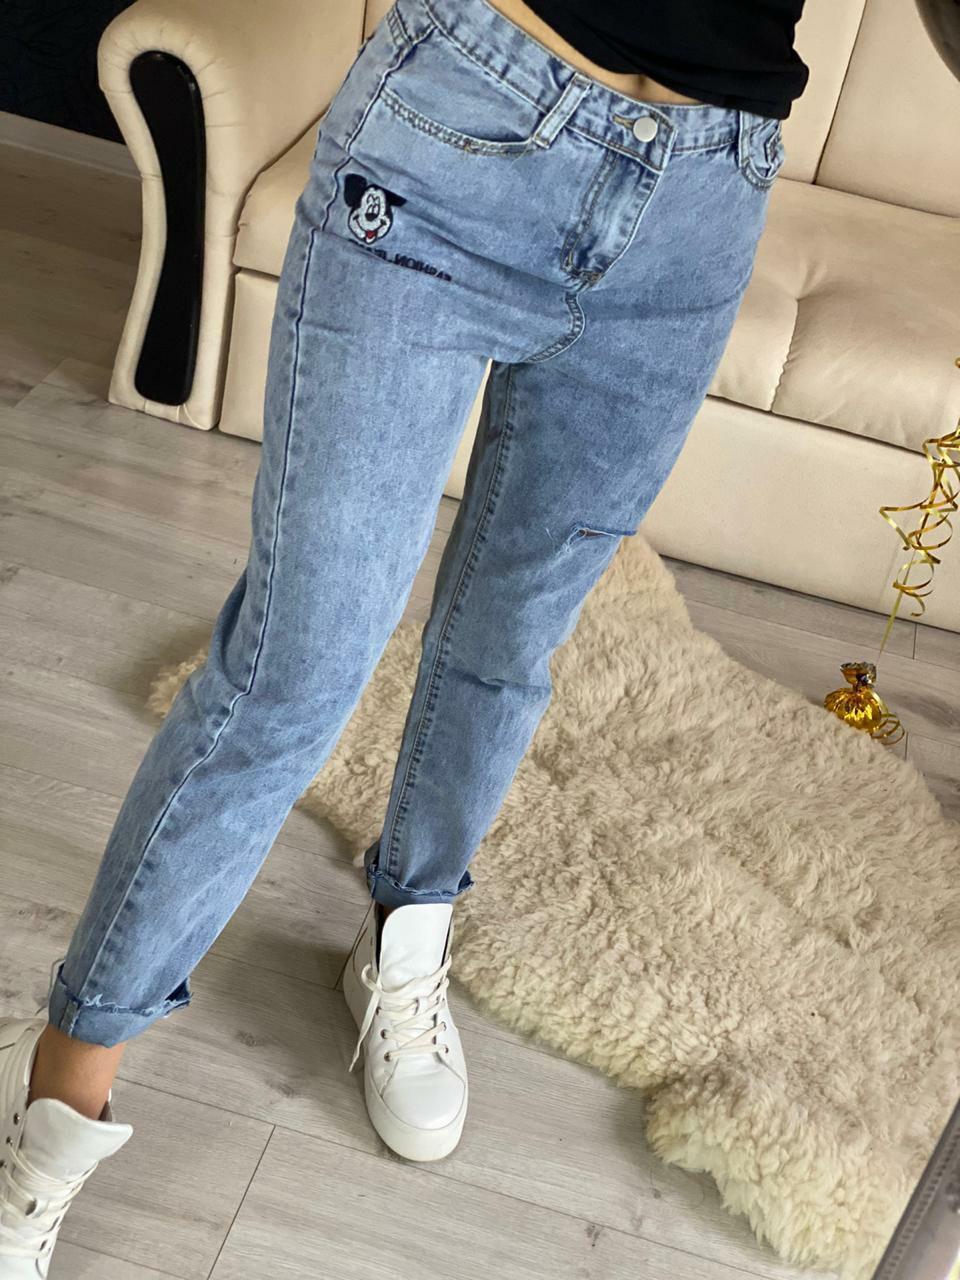 Женские джинсы МОМ с вышивкой Микки Маус и разрезом на штанине vN8038